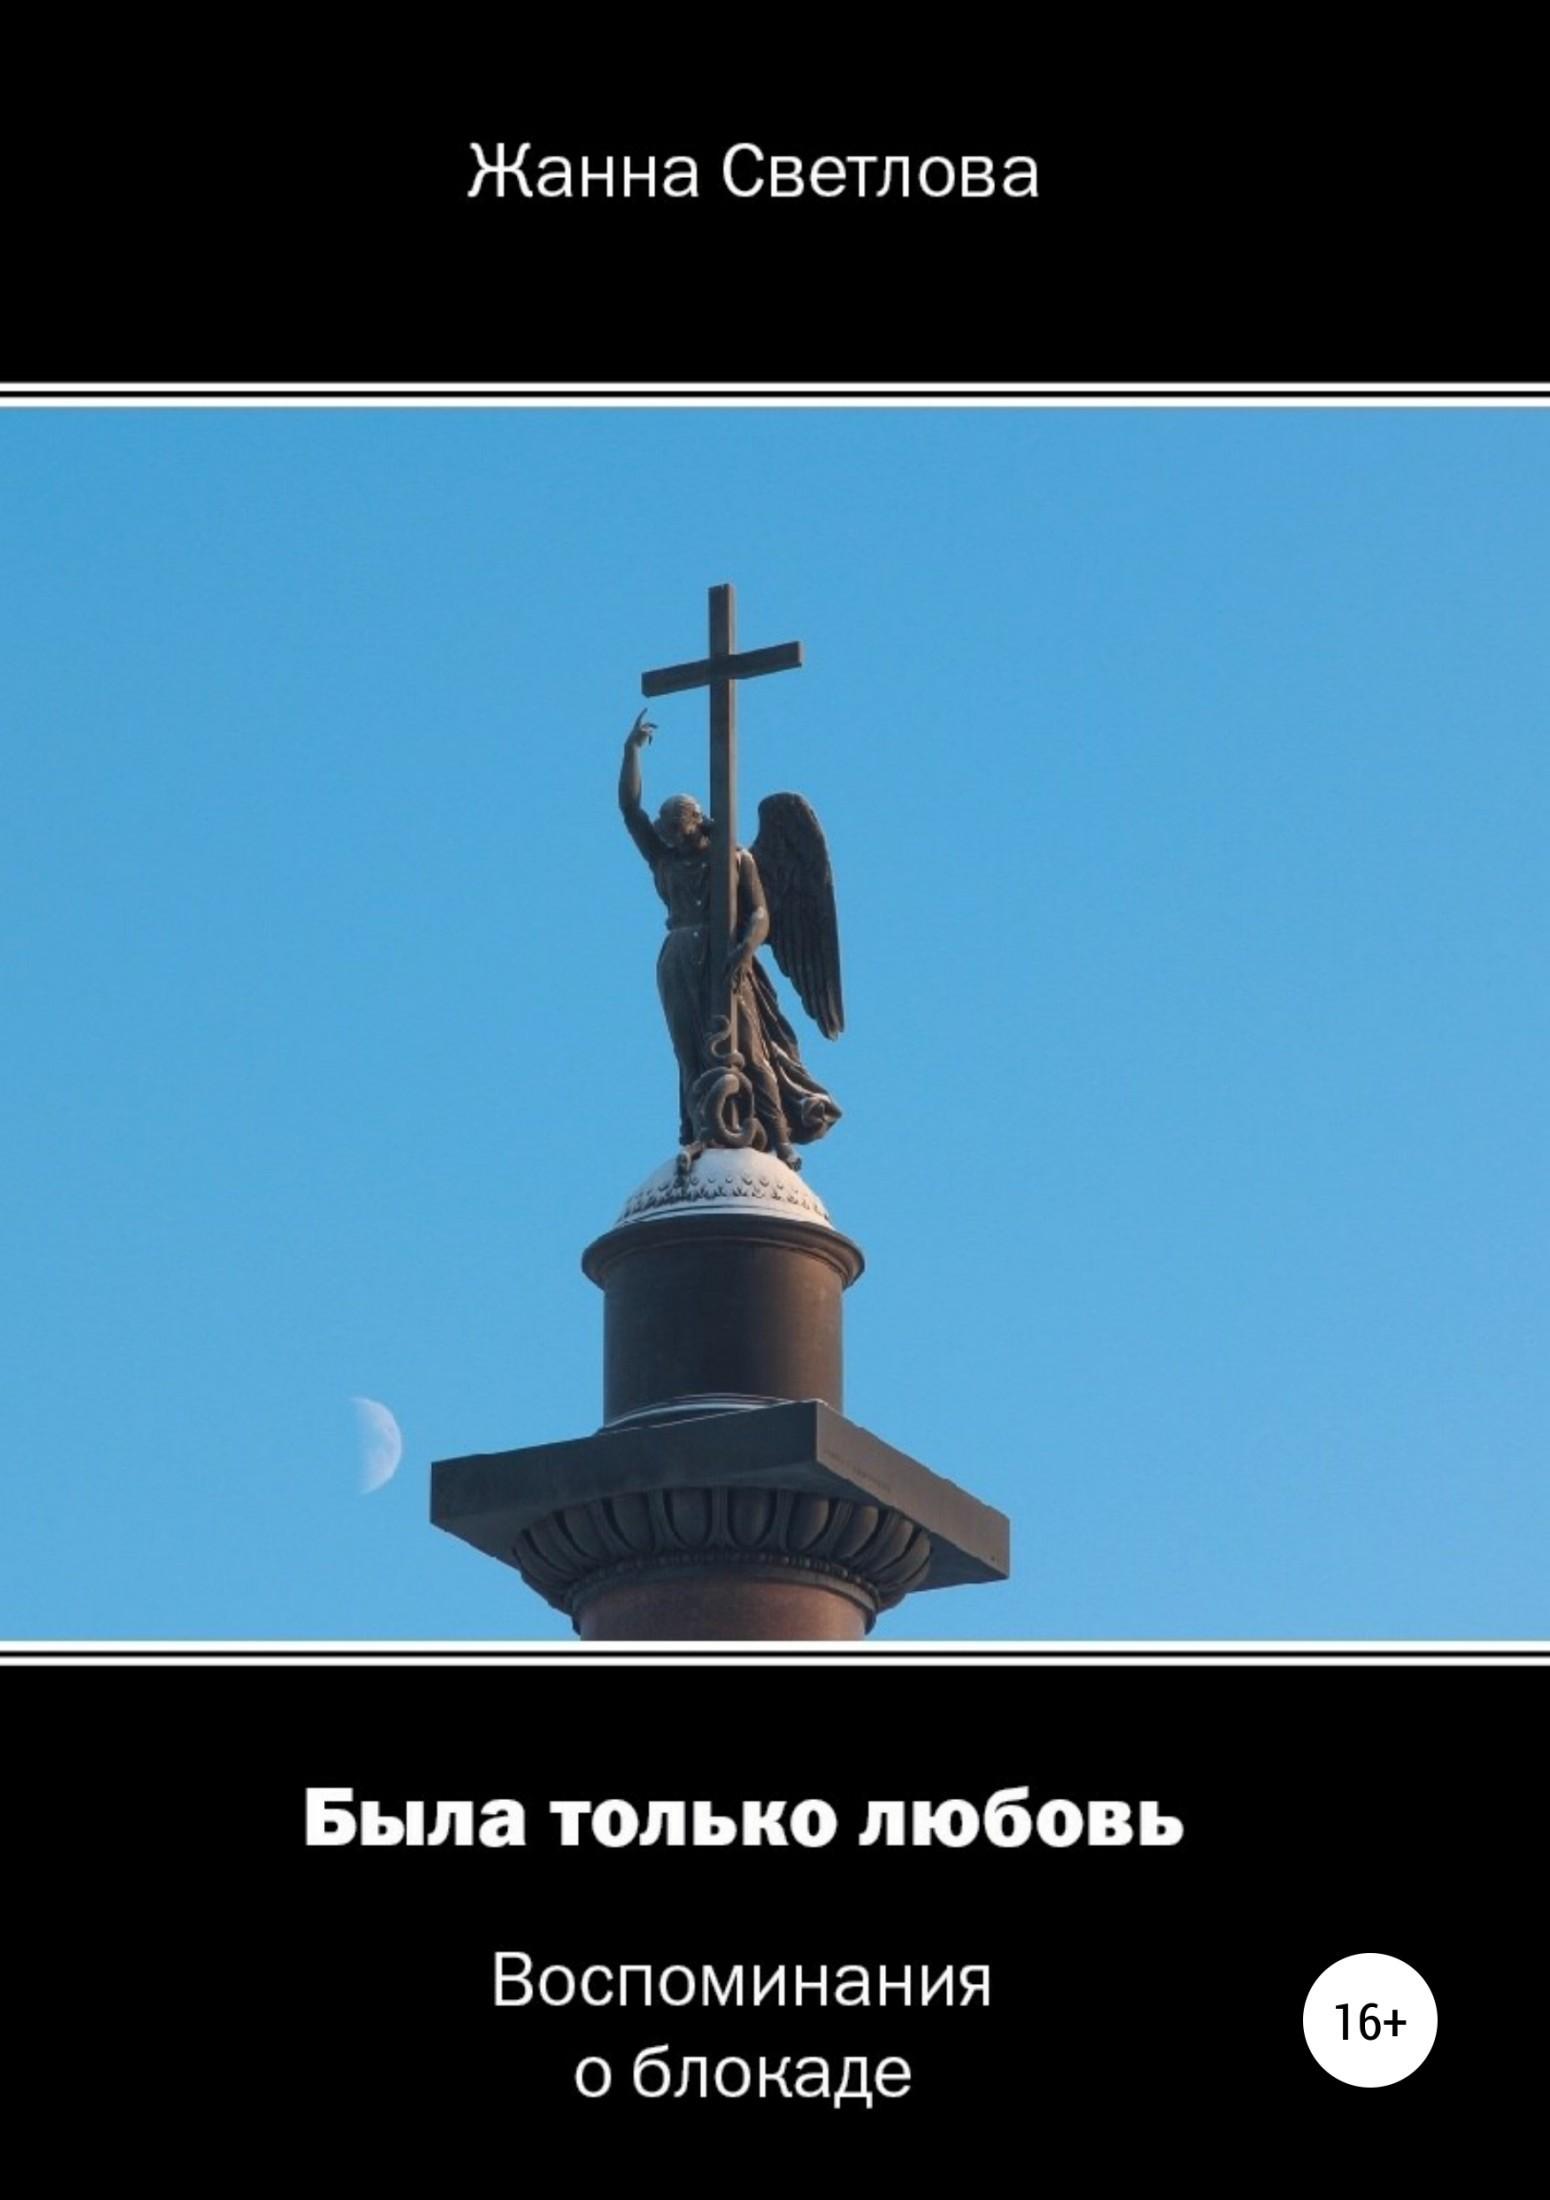 Жанна Светлова - Была только любовь. Воспоминания о блокаде